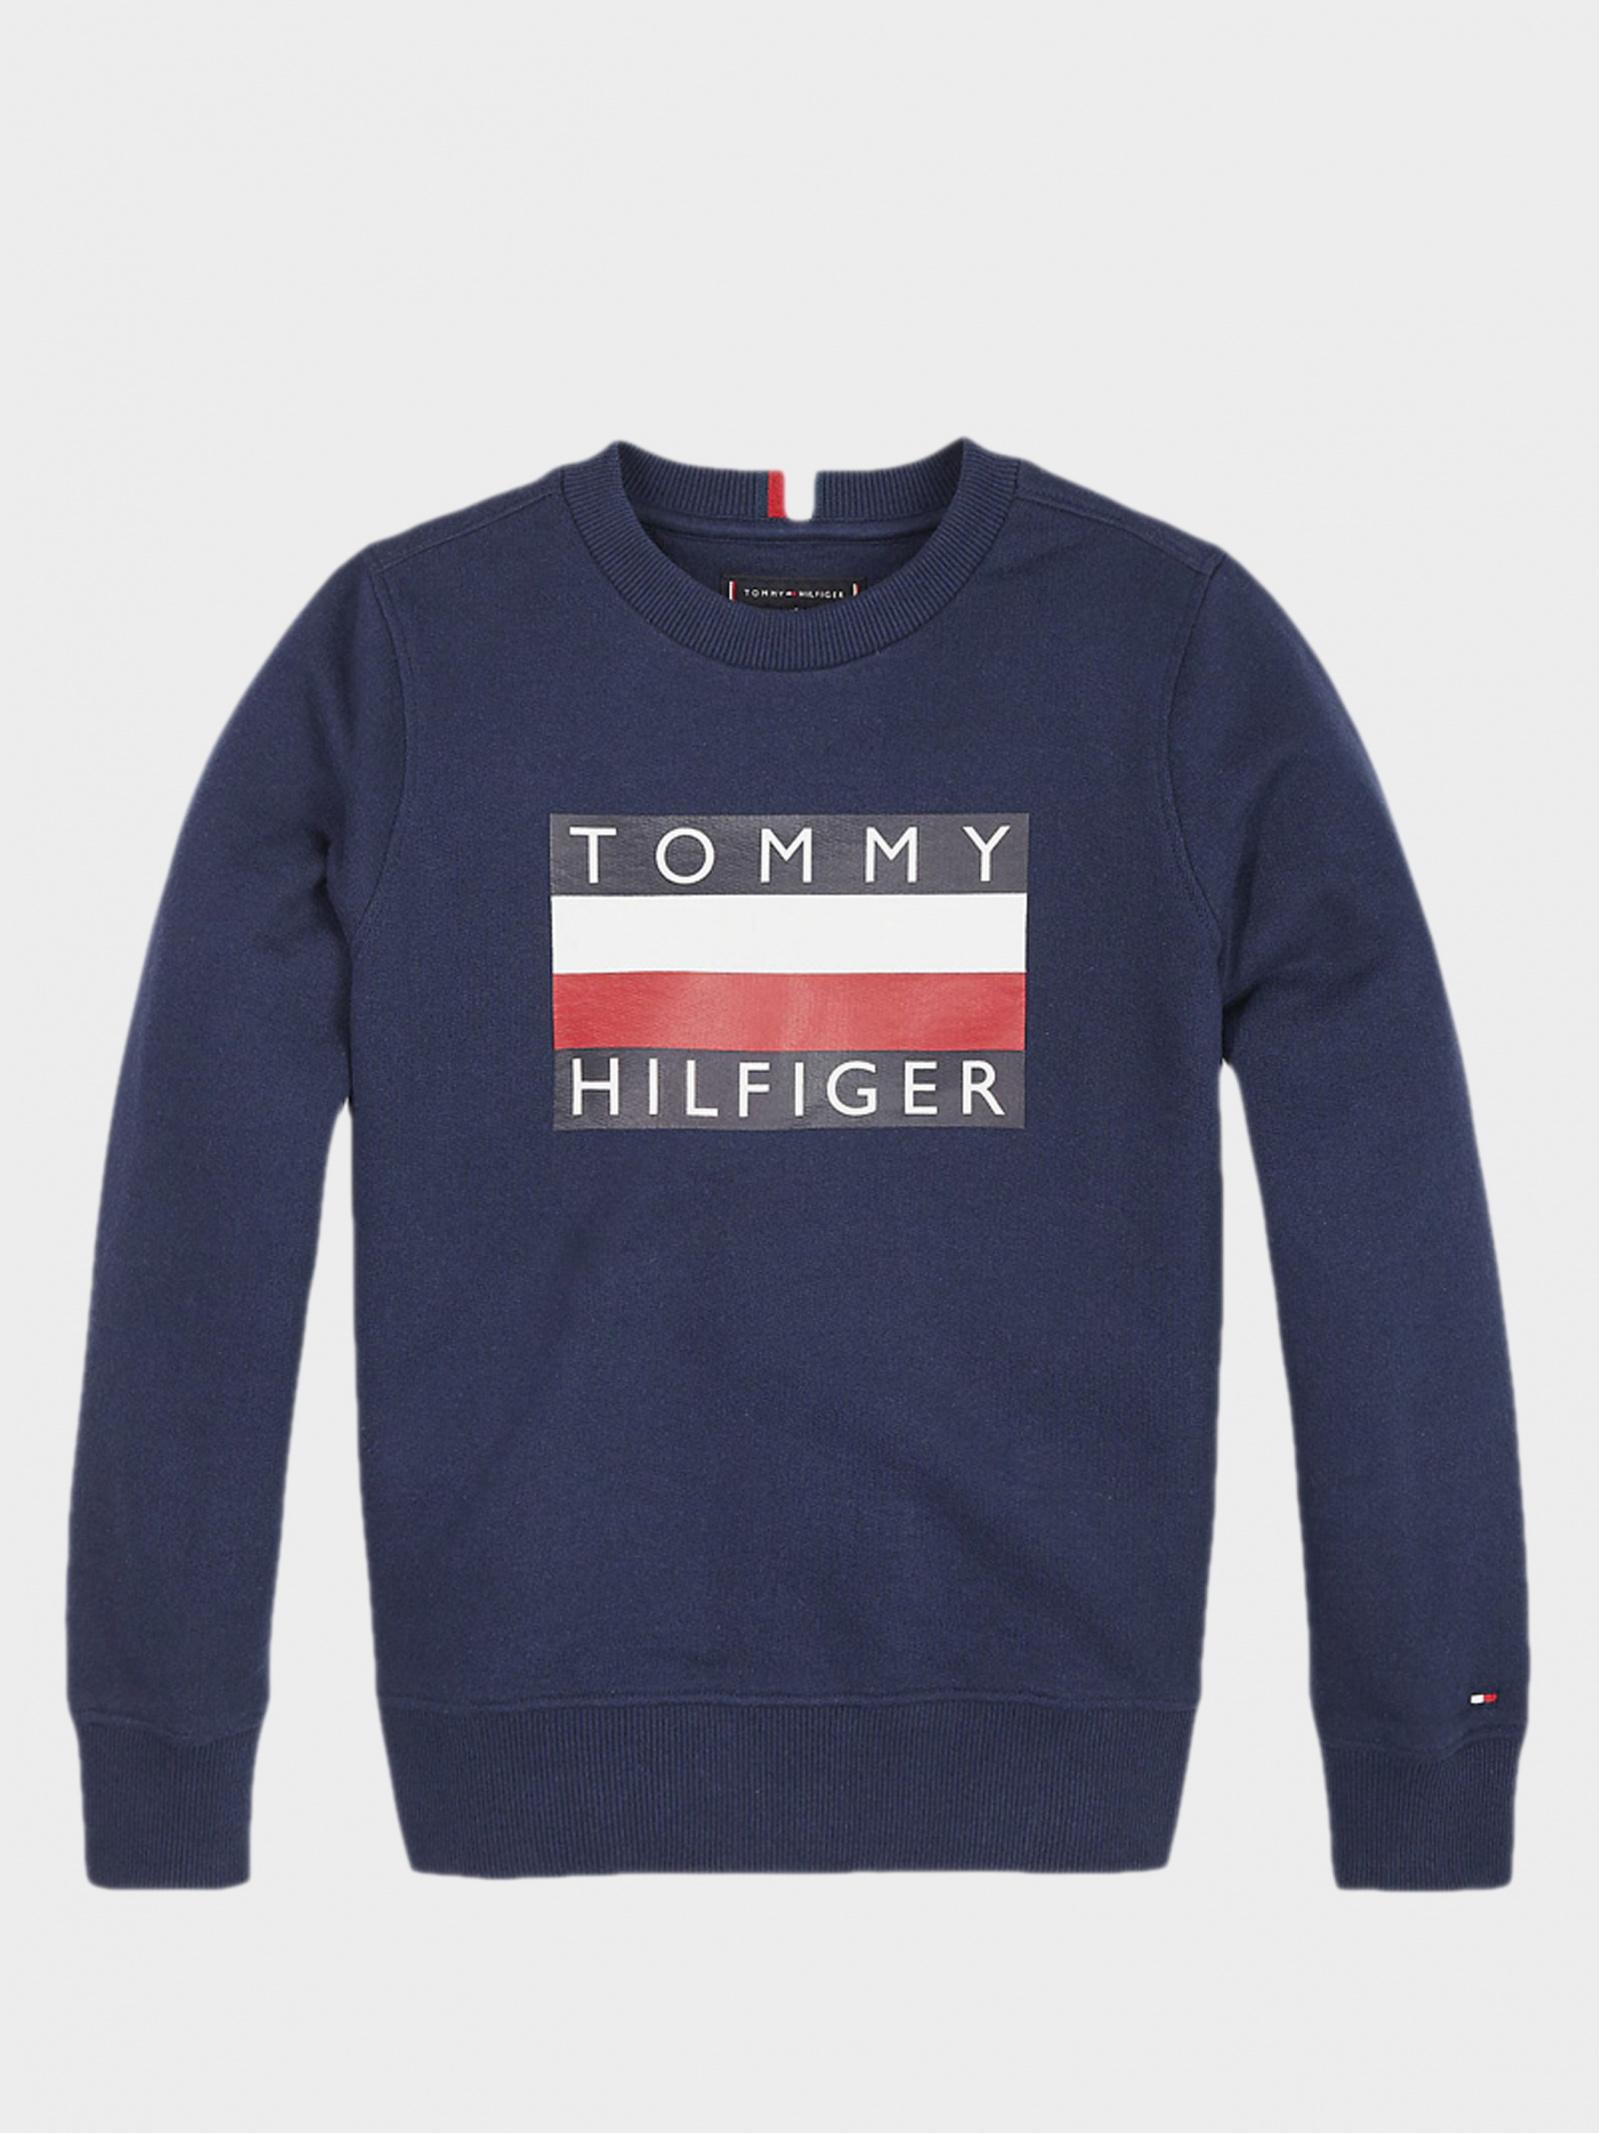 Кофты и свитера детские Tommy Hilfiger модель CC3 характеристики, 2017